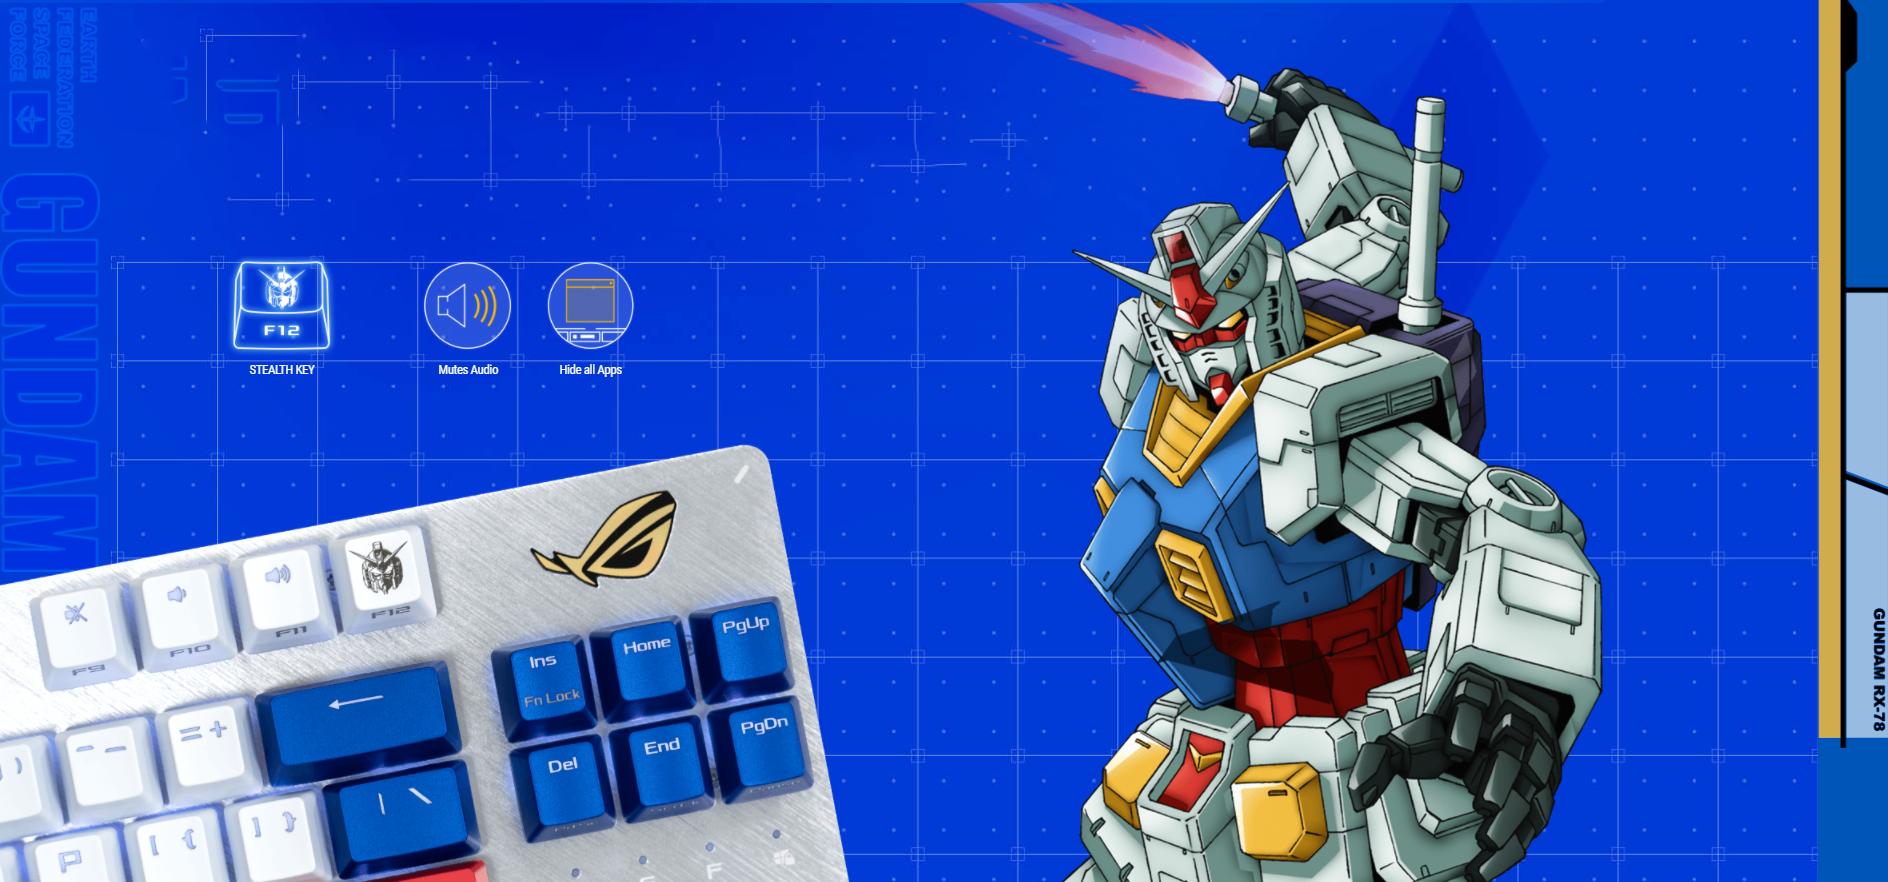 Bàn phím Asus ROG Strix Scope TKL Gundam (USB/RGB/Red sw) có thể ẩn app và âm thanh đang phát nhanh chóng